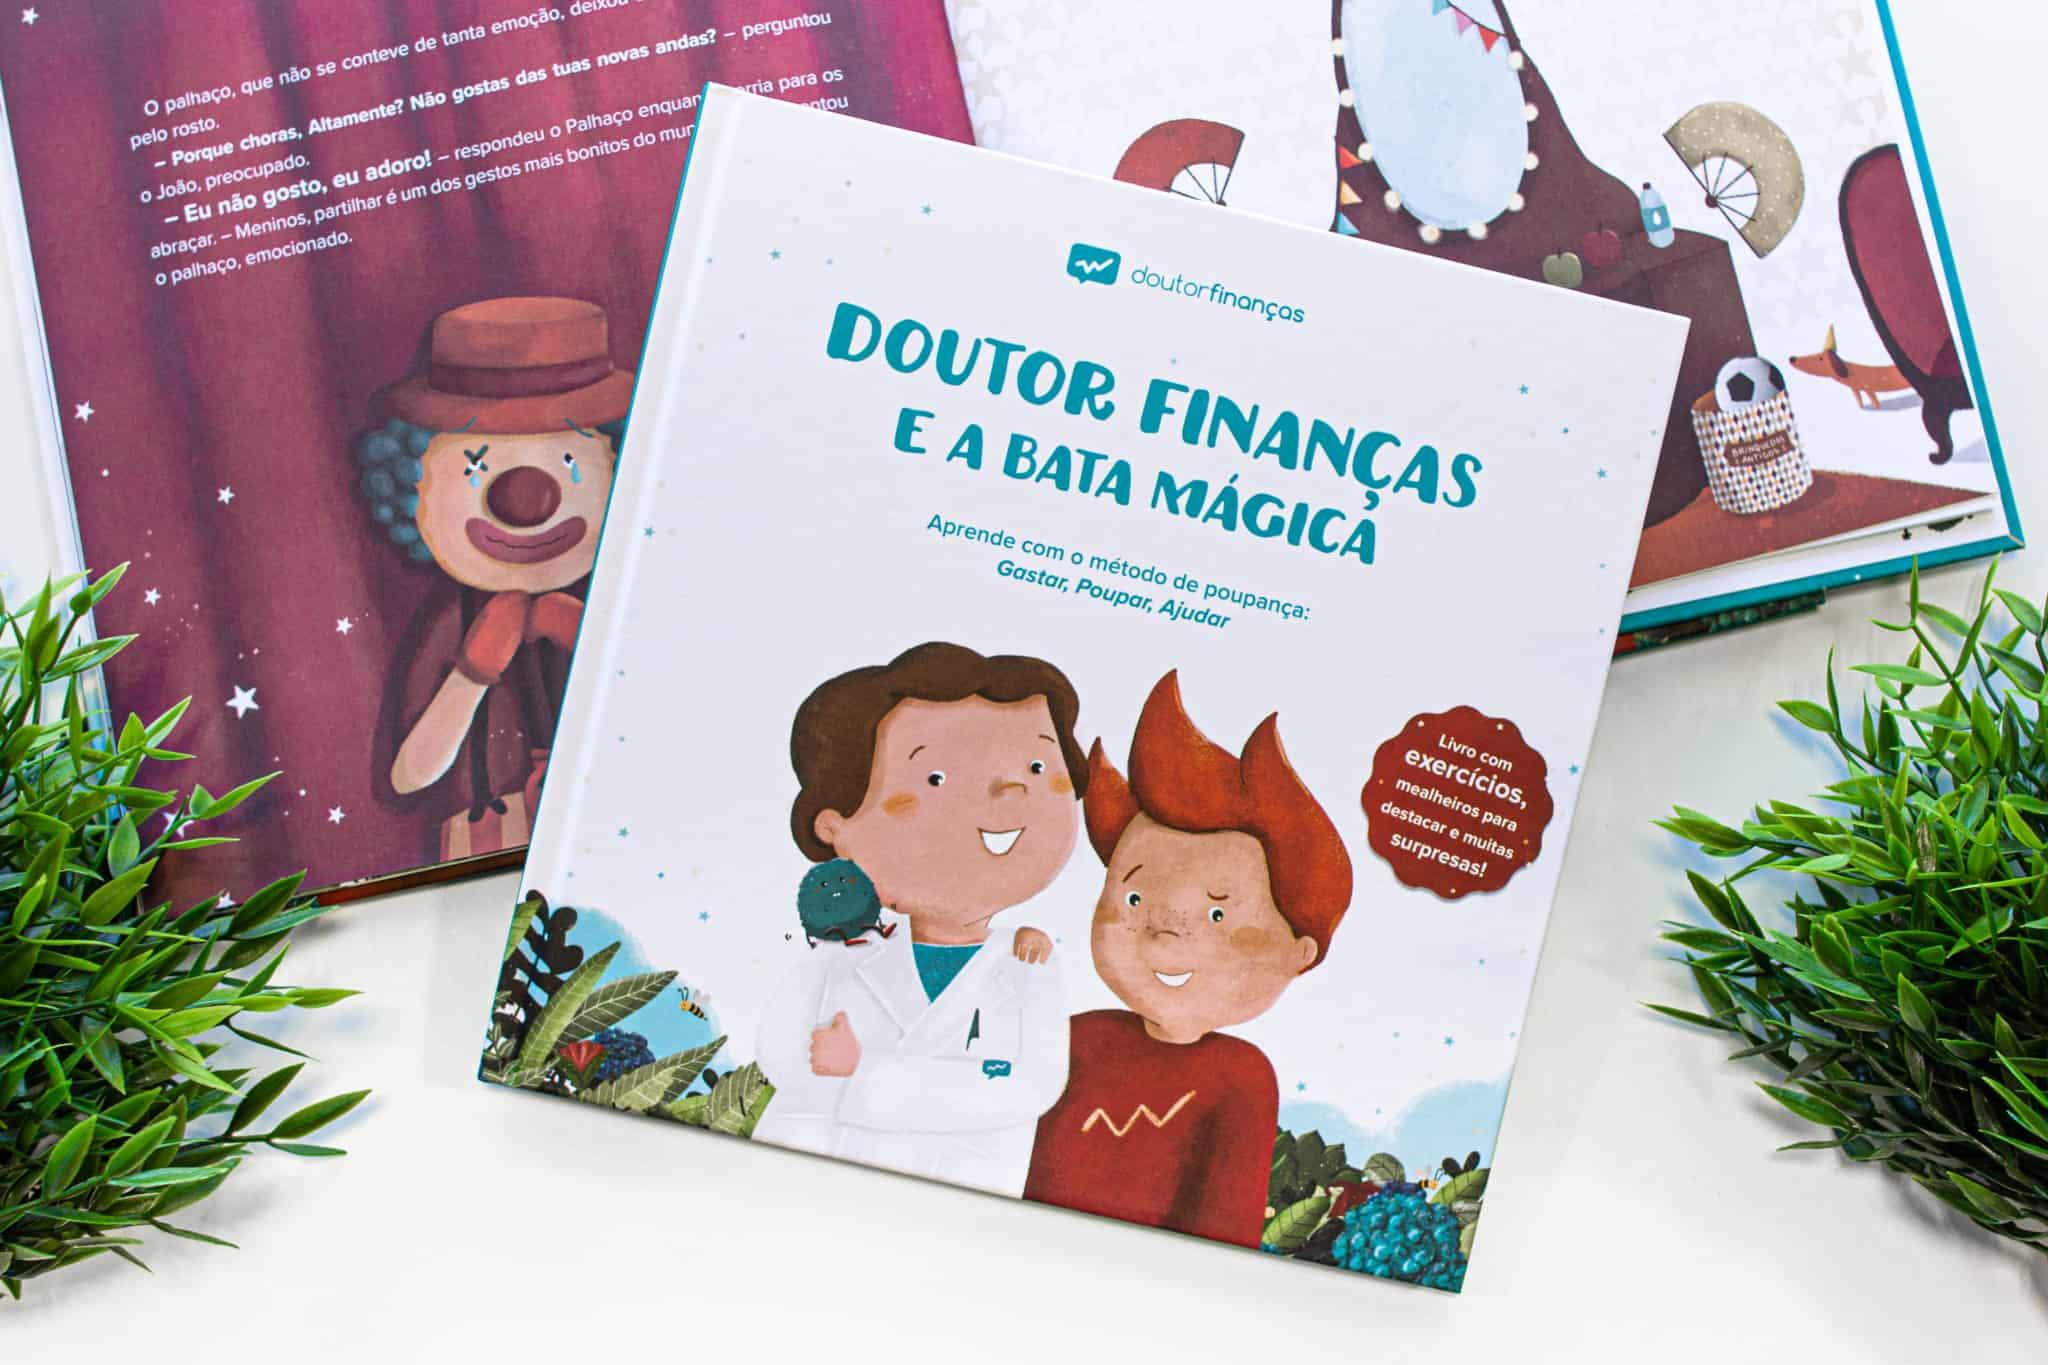 livro doutor finnaças e a bata mágica